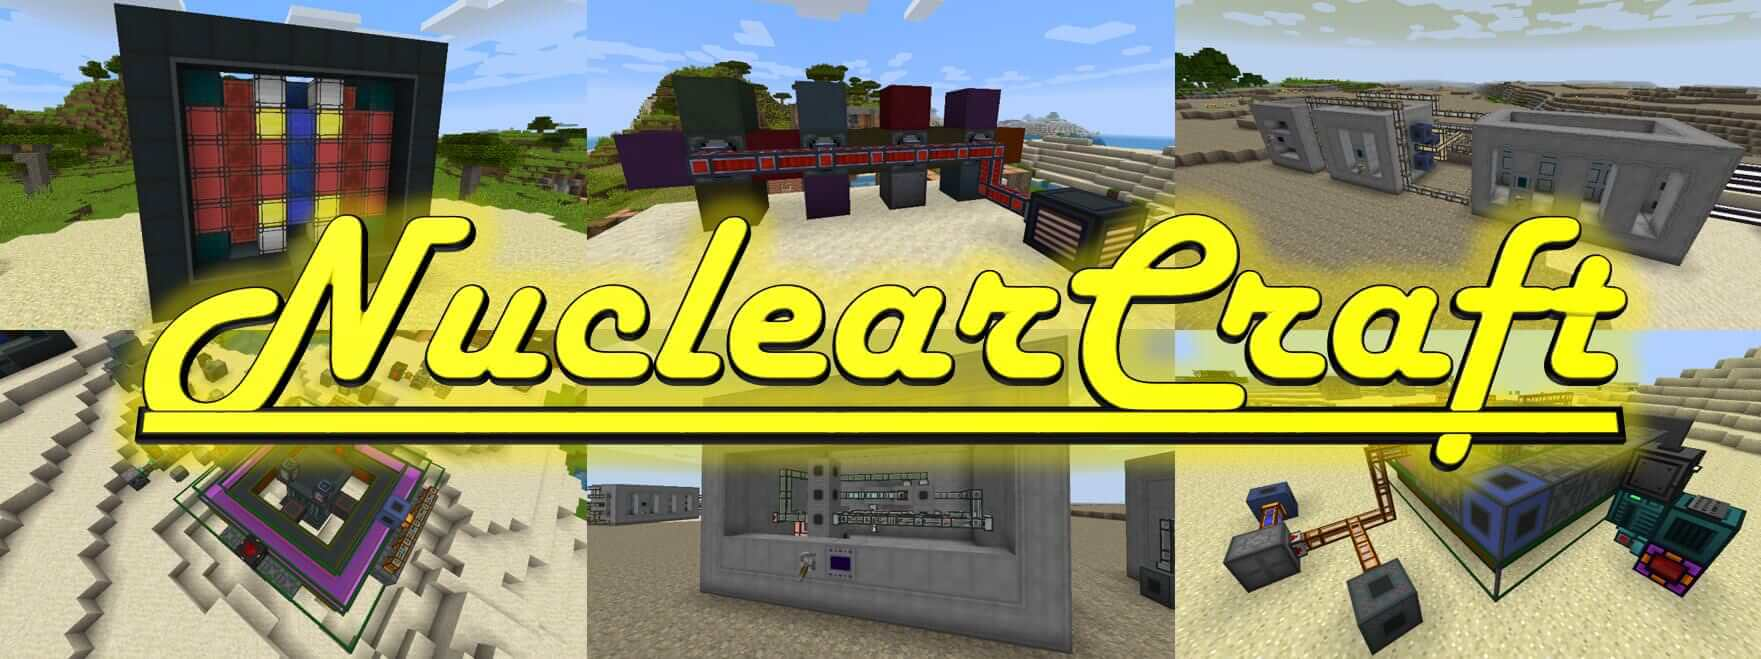 核电工艺NuclearCraft-Mod